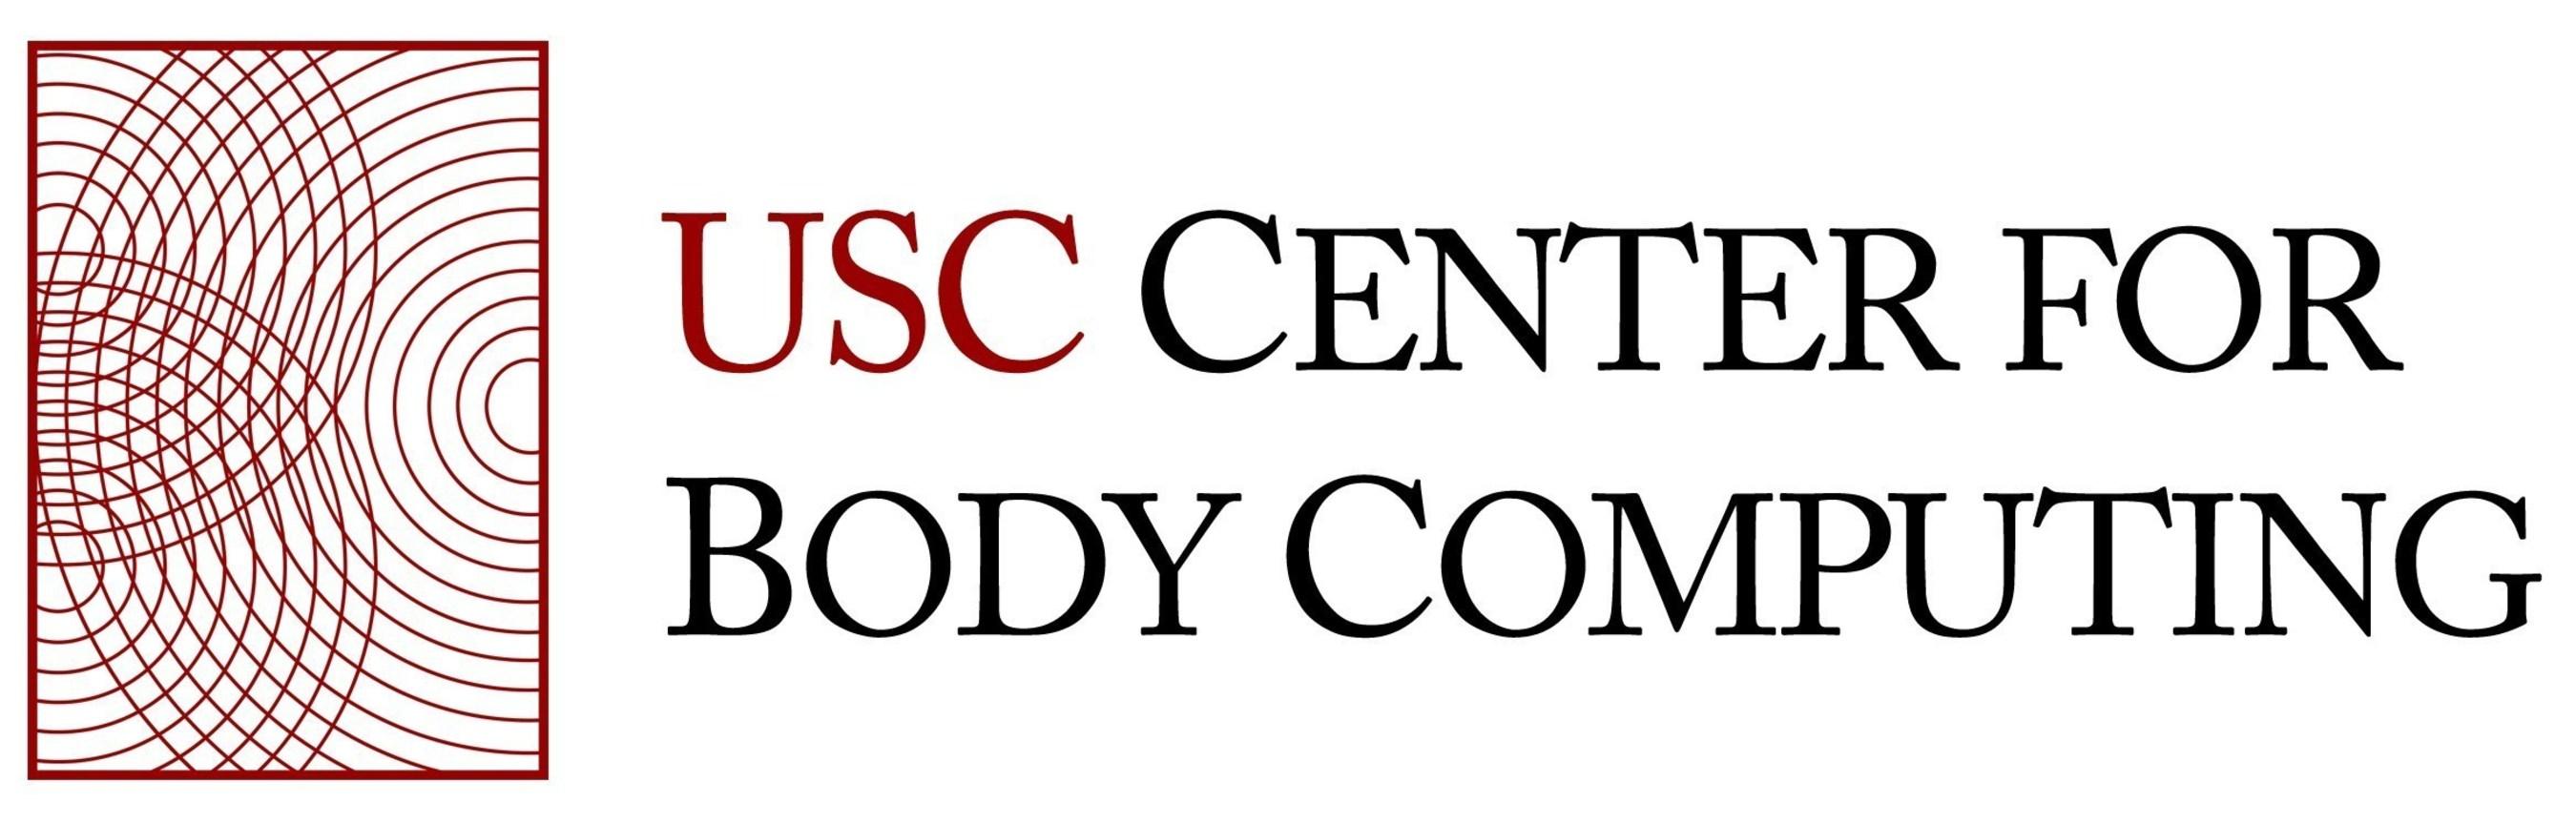 USC Center for Body Computing Logo